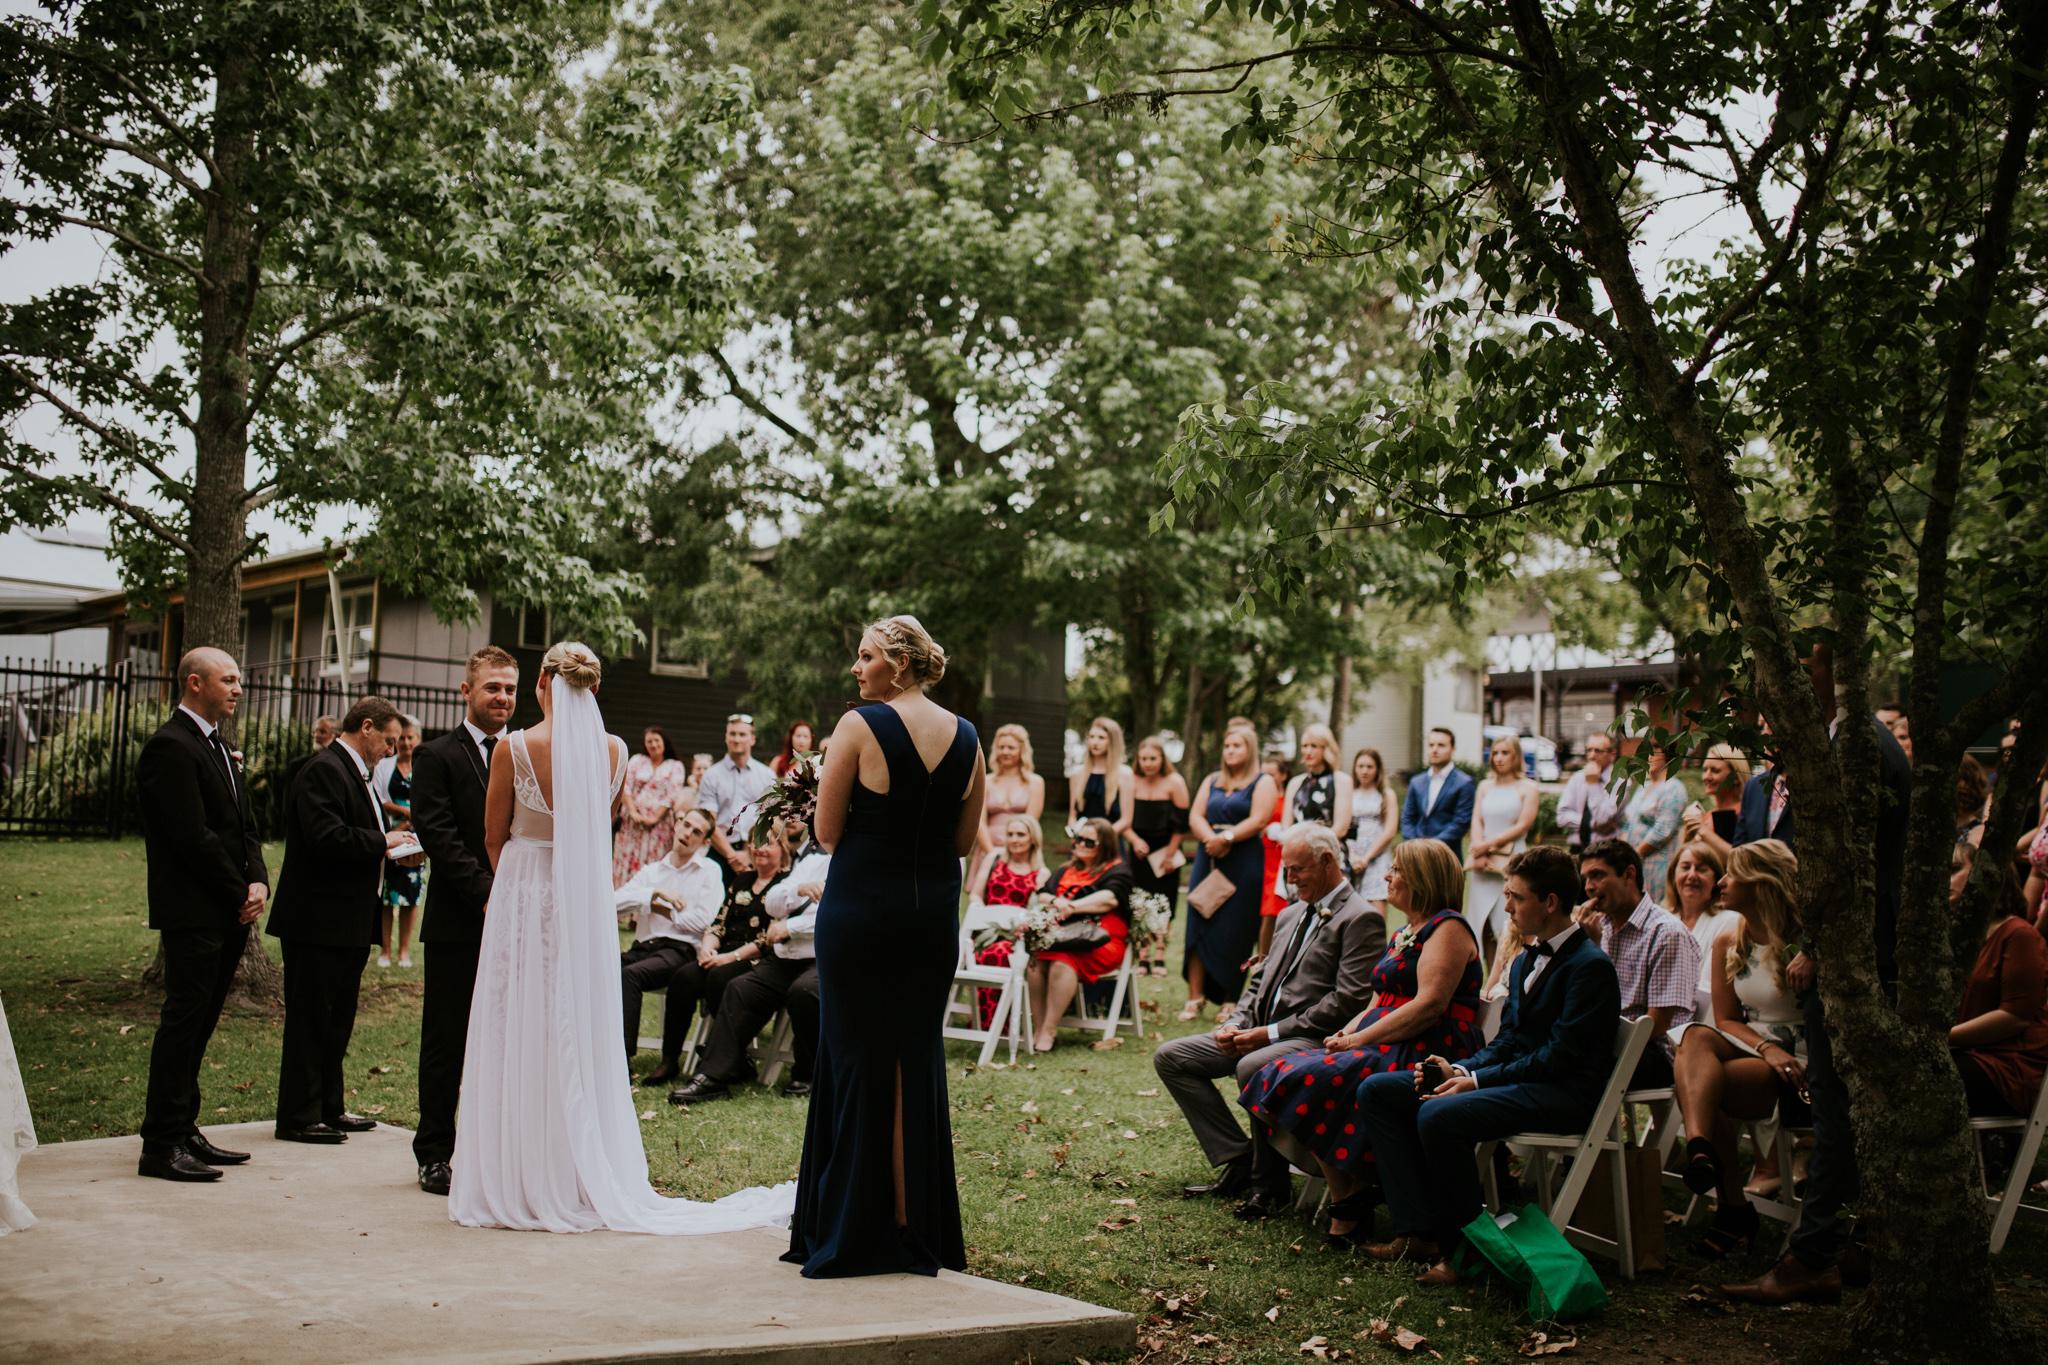 Lucy+Kyle+Kiama+Sebel+wedding-71.jpg